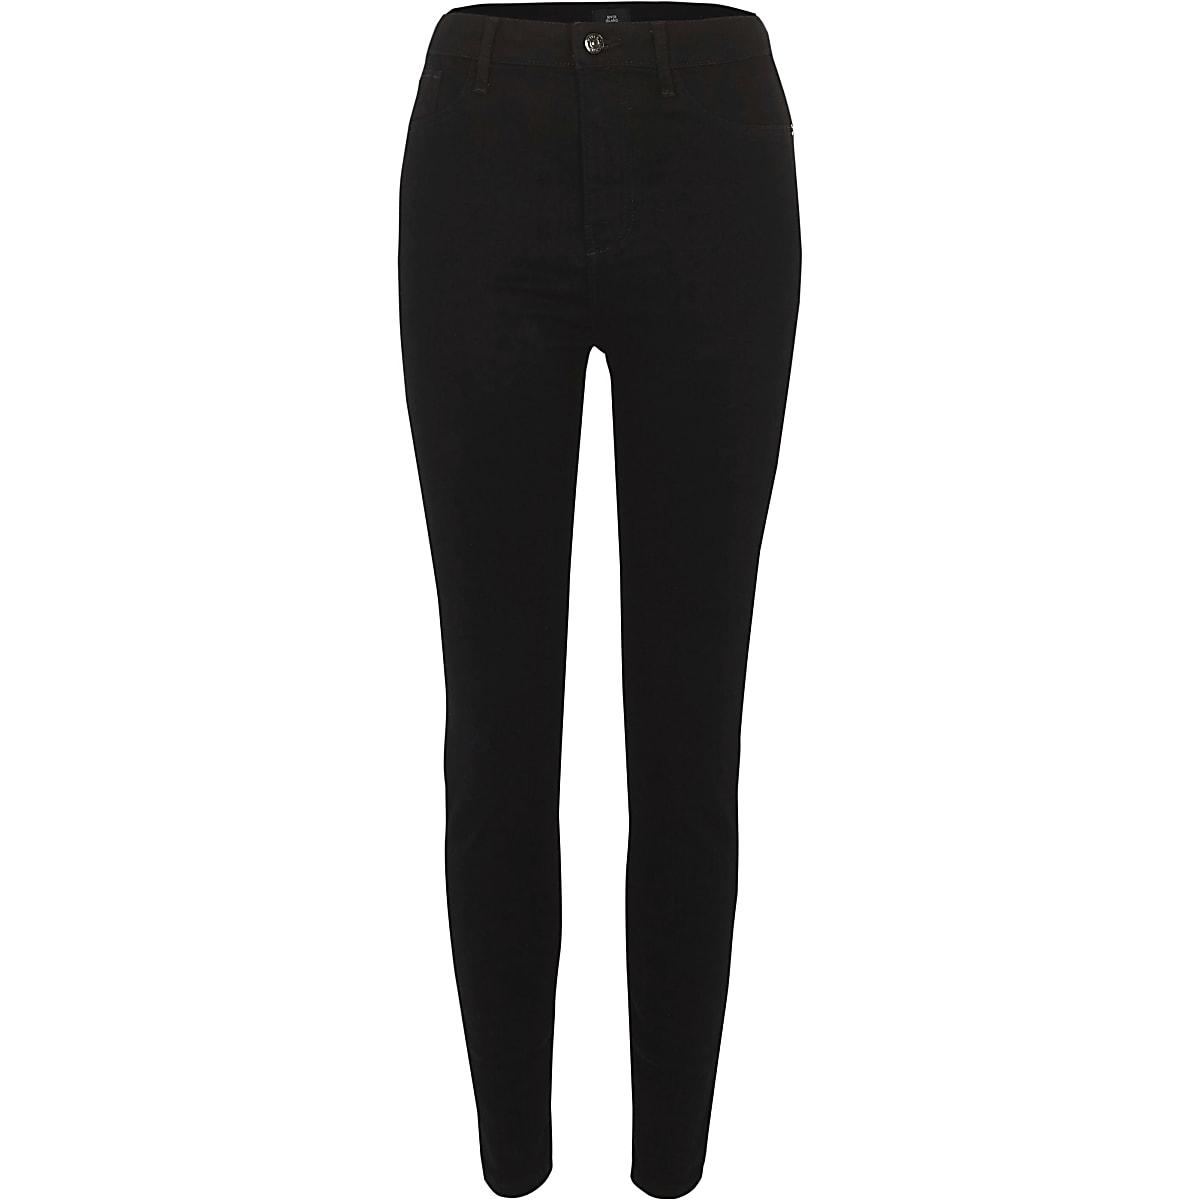 Luxus-Ästhetik letzte Veröffentlichung großer Verkauf Black high waisted Harper skinny jeans